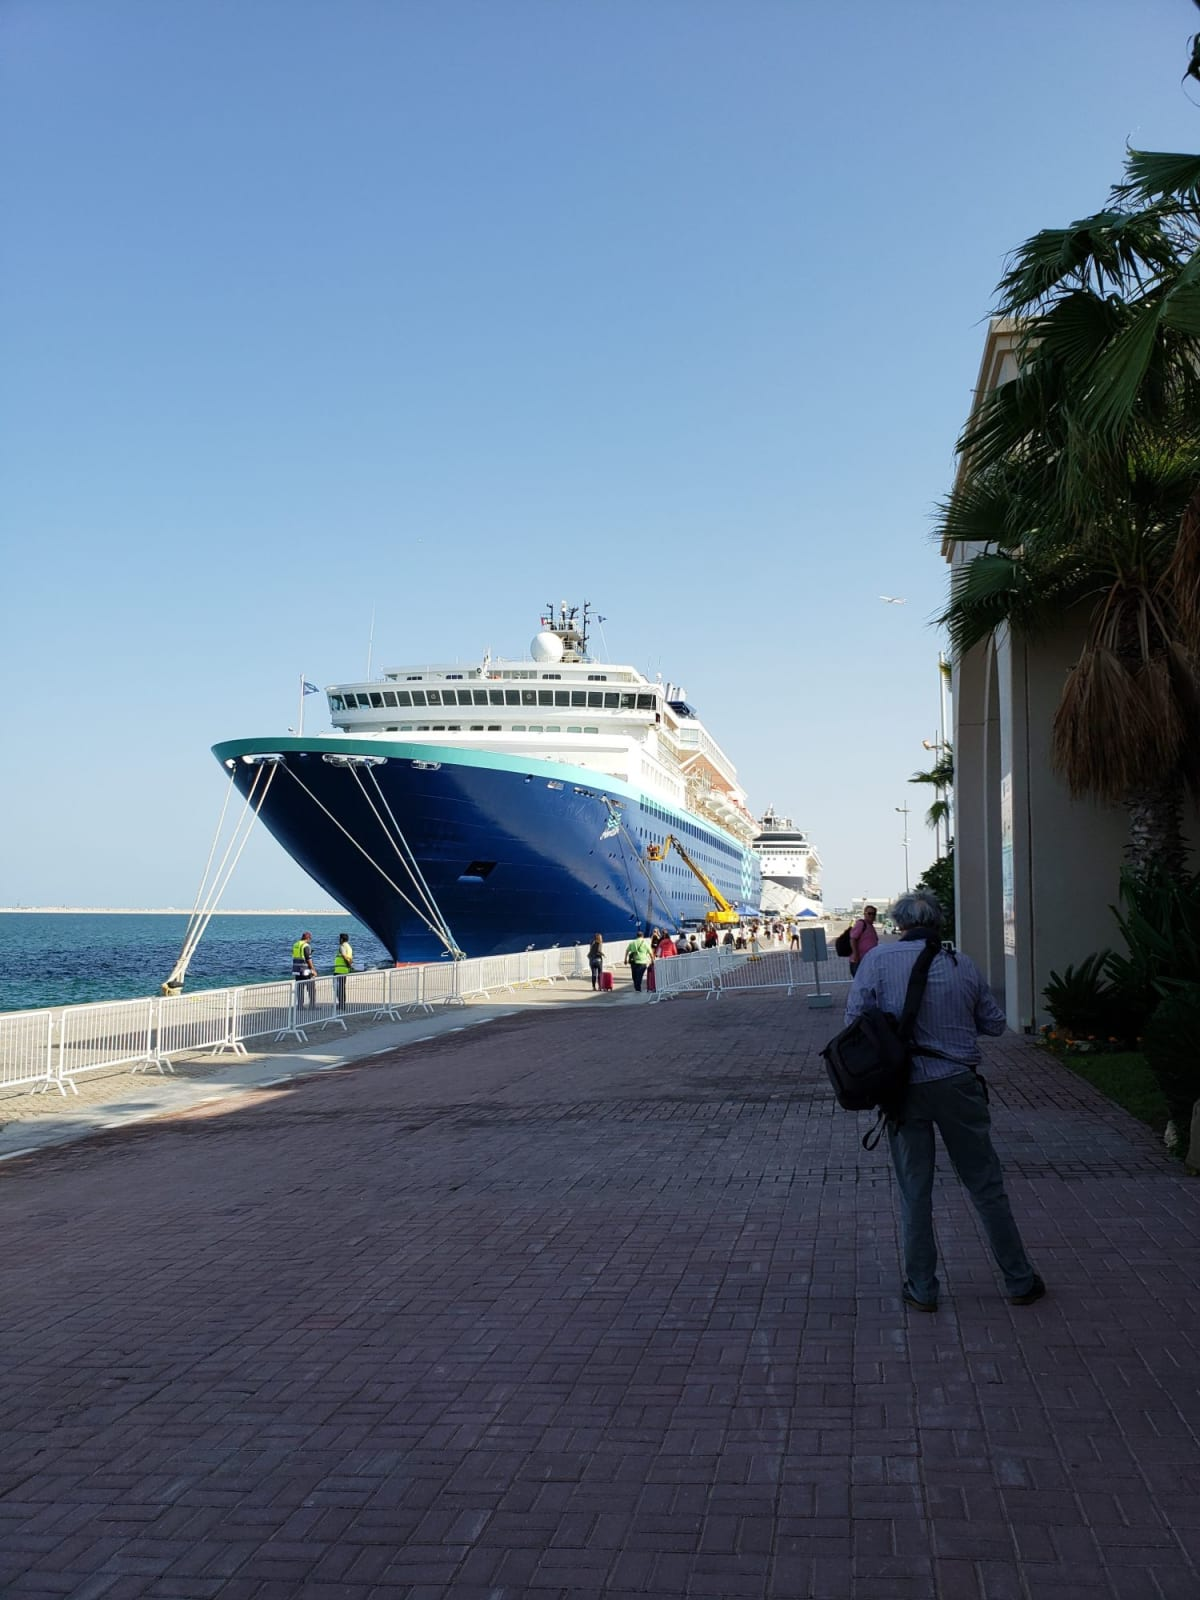 プルマントゥール・ホライゾンは船らしいスタイル。 | 客船プルマントゥール・ホライズンの外観